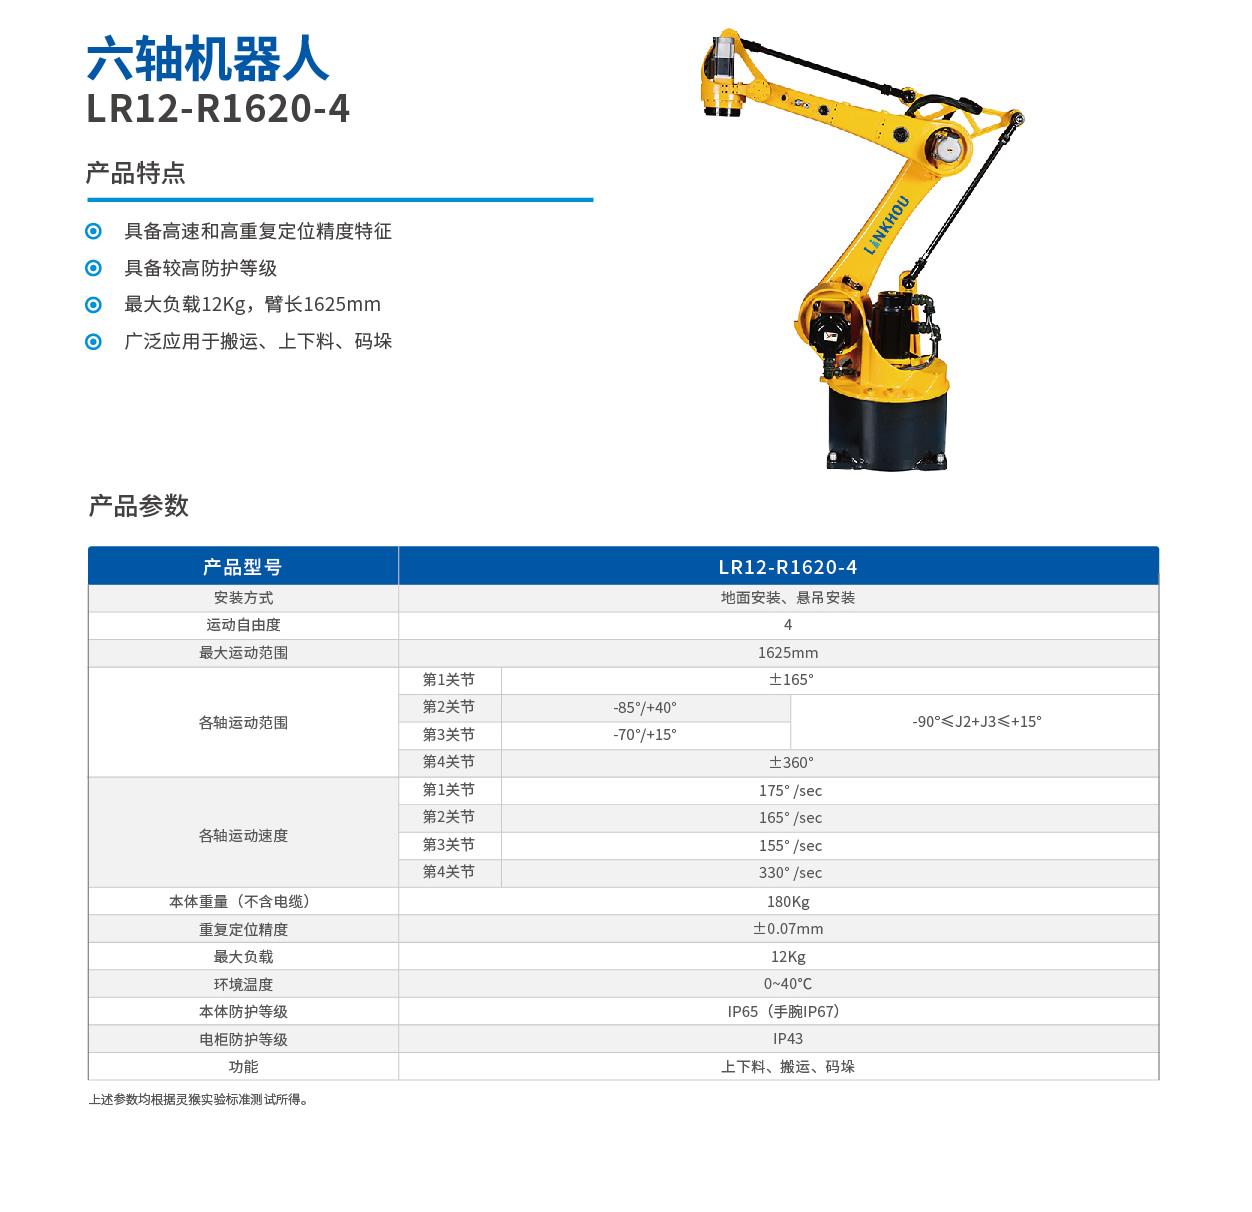 灵猴 LR12-R1620-4 六轴机器人